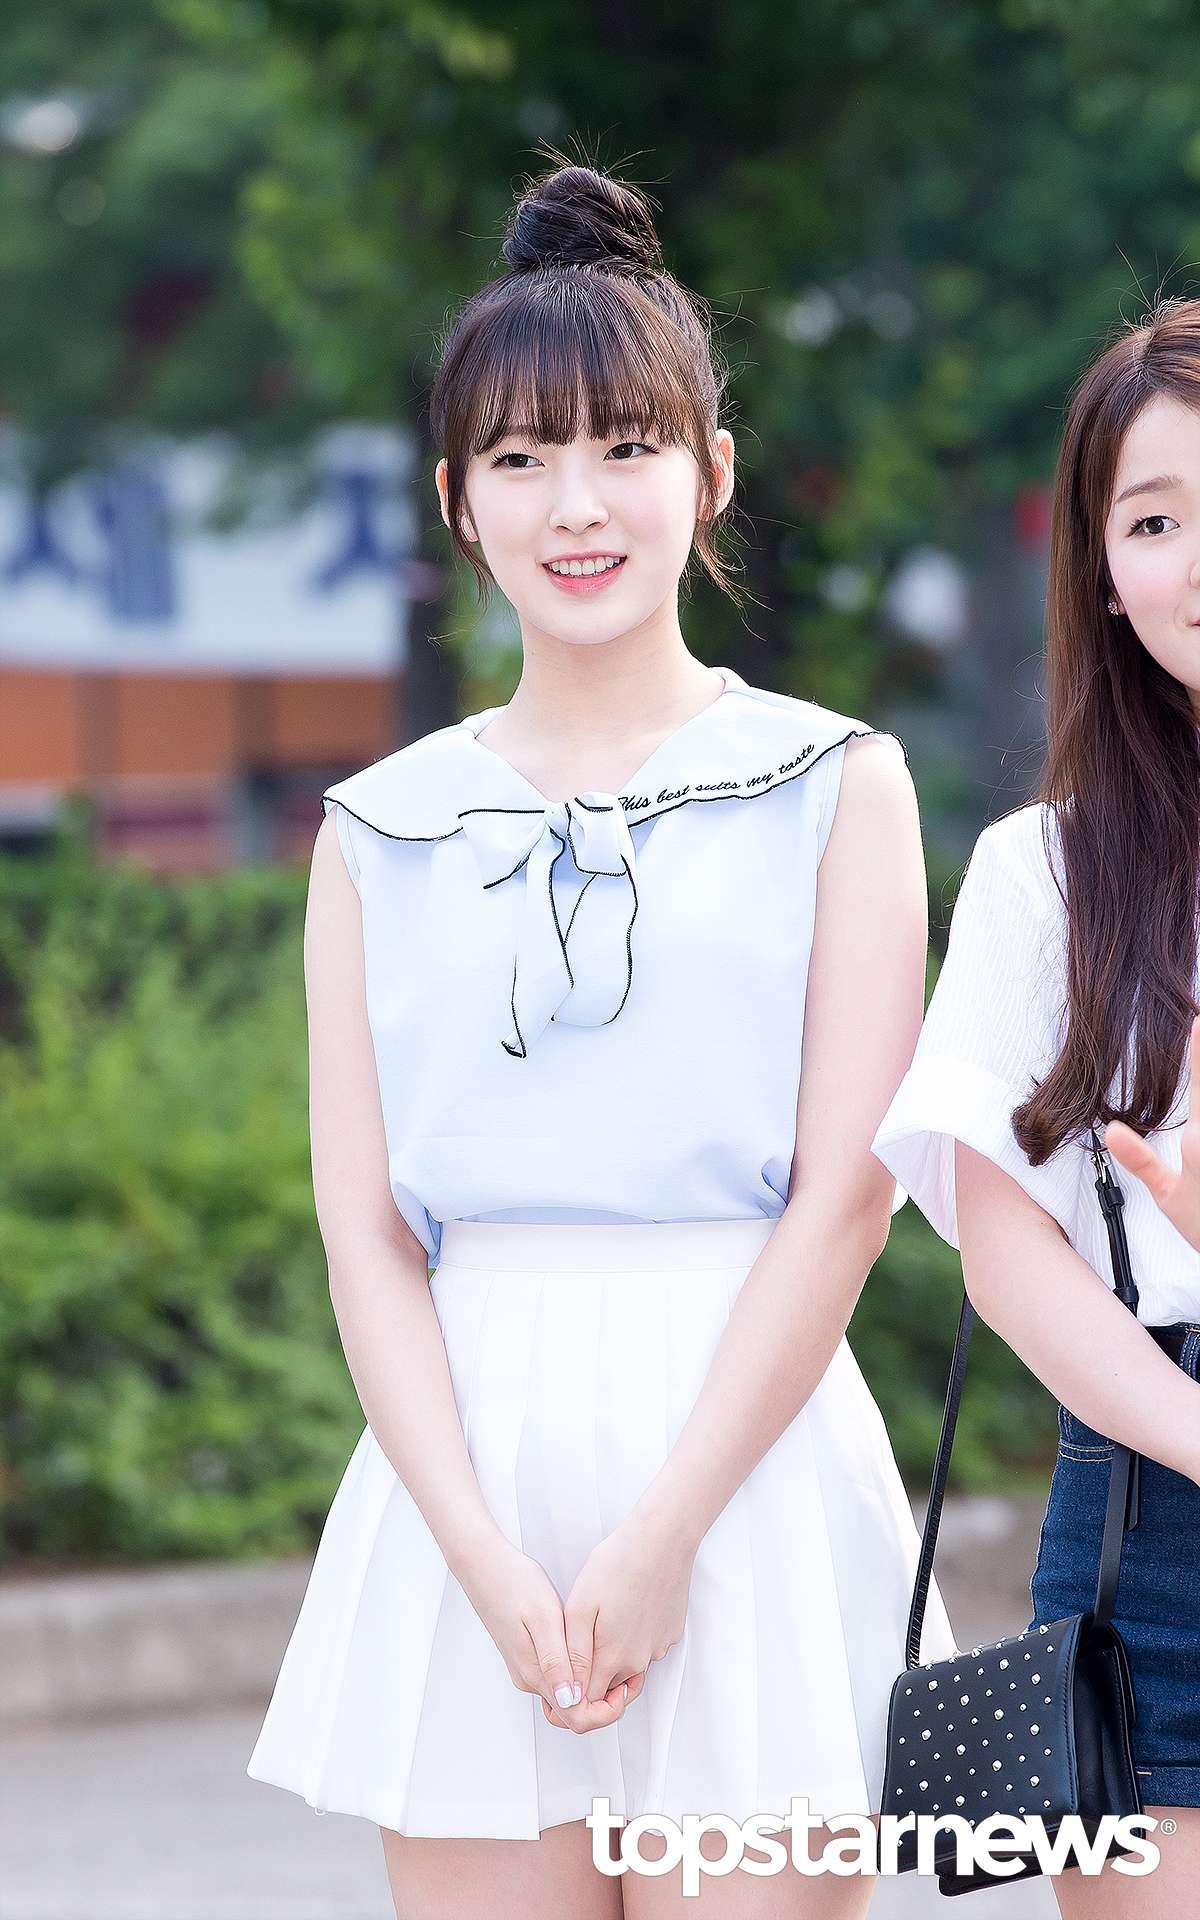 ARin ✪ 可愛的小裙子 最近大熱的網球裙也是非常適合演繹海軍裝的單品喲!ARin用以海軍領和絲帶裝飾的女士襯衫搭配白色網球裙,全部扎上去的丸子頭更加提升了可愛的氣質呢~